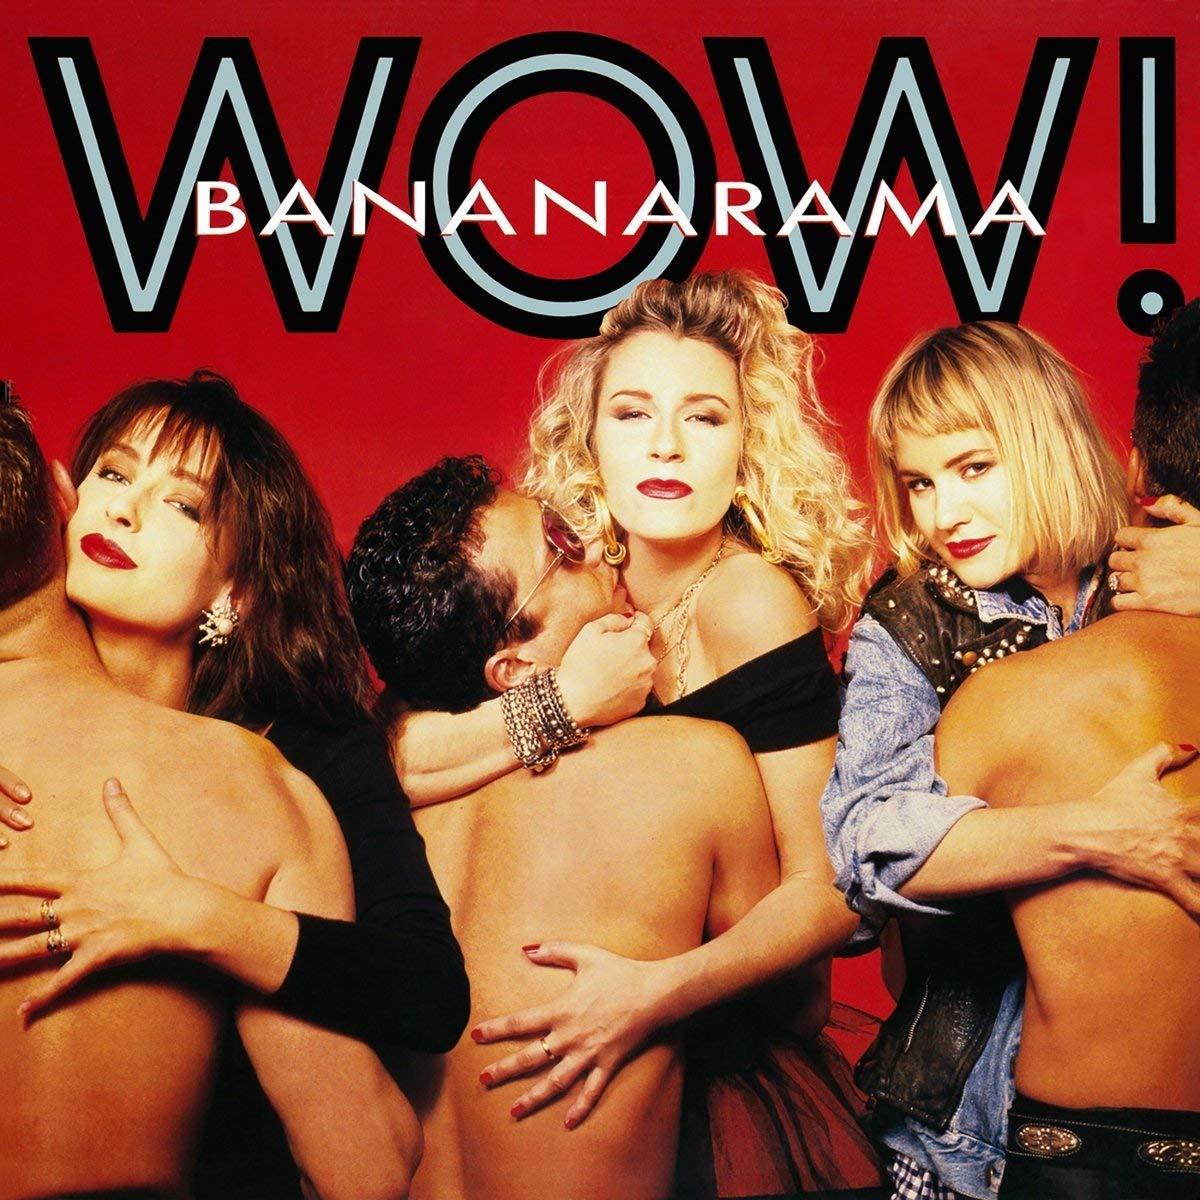 Bananarama - Wow